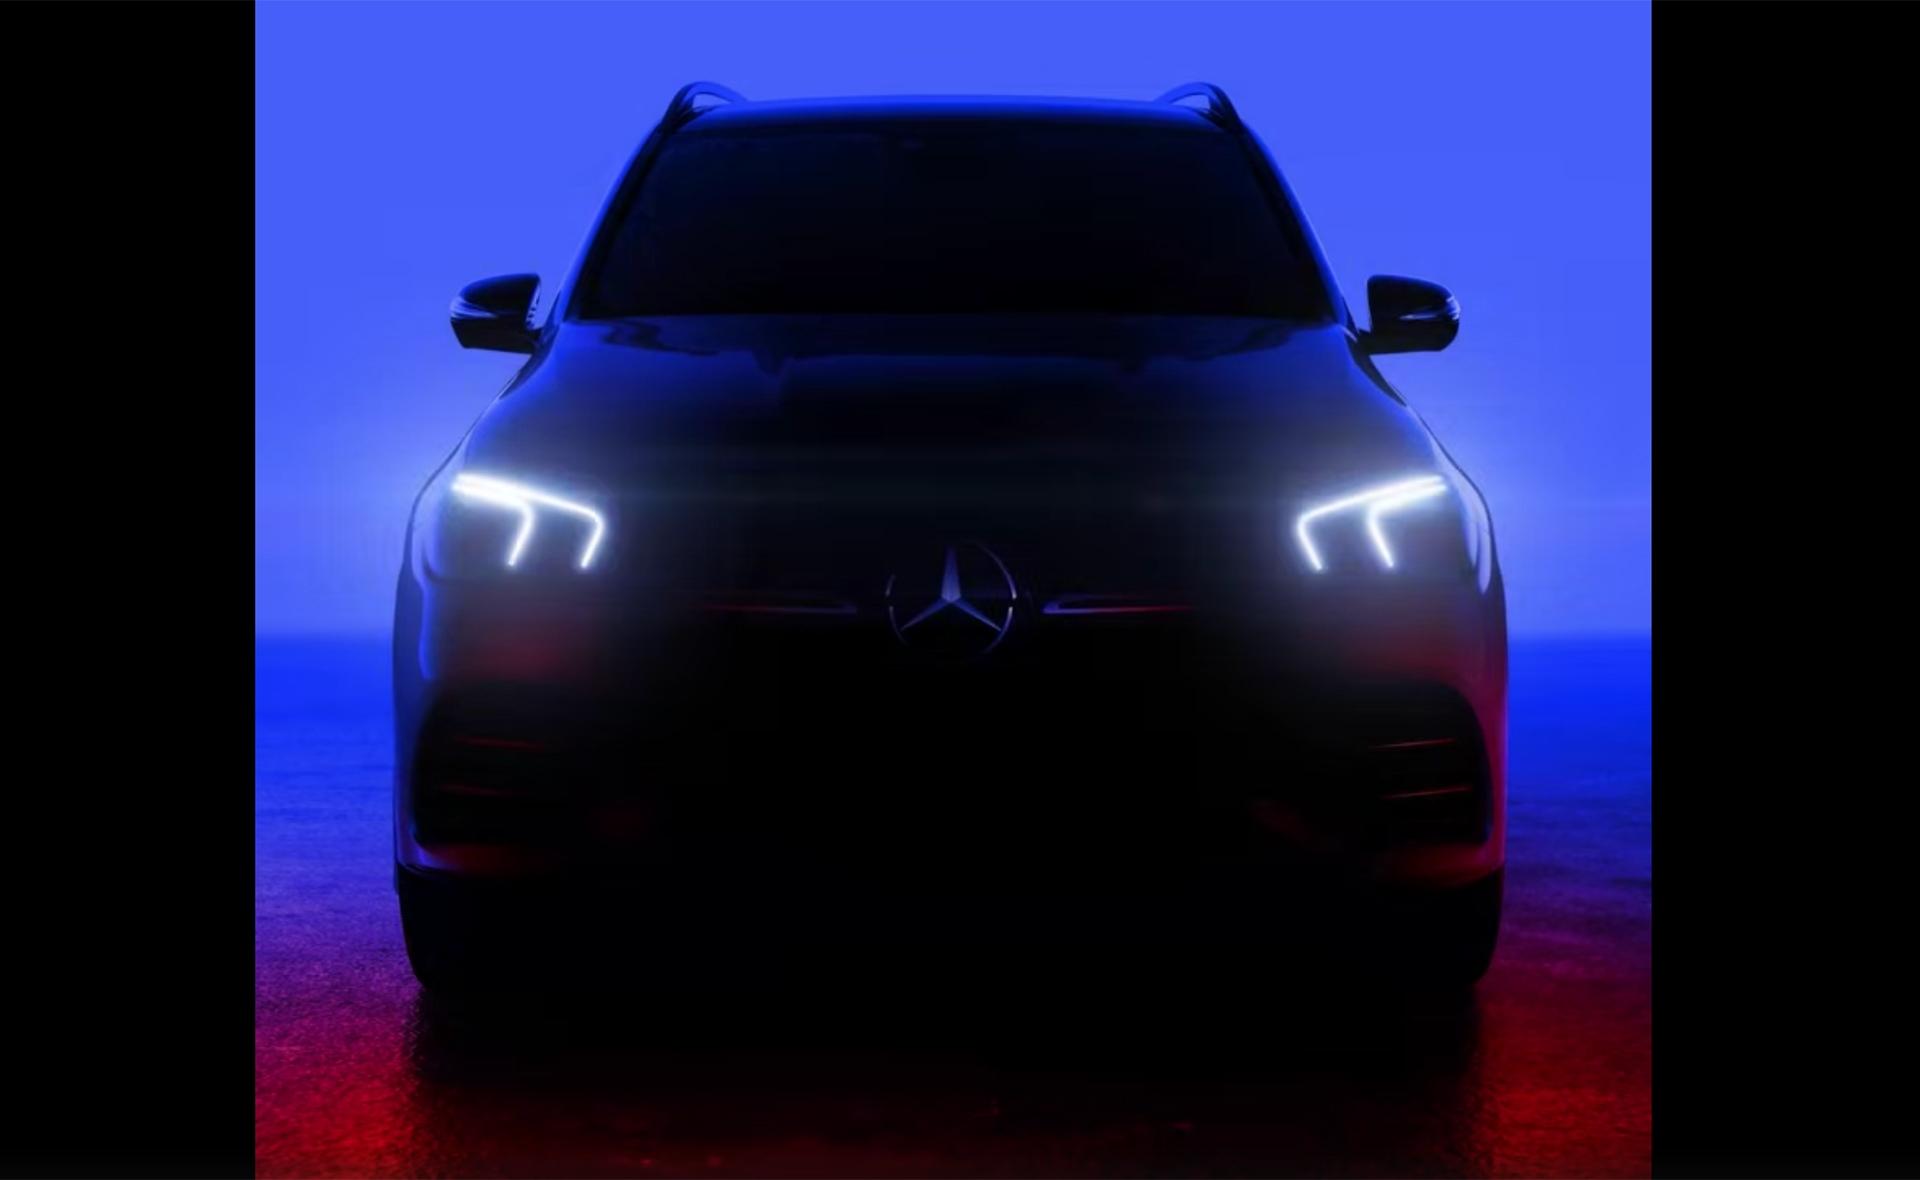 奔驰发布全新GLE预告图 或10月1日首发